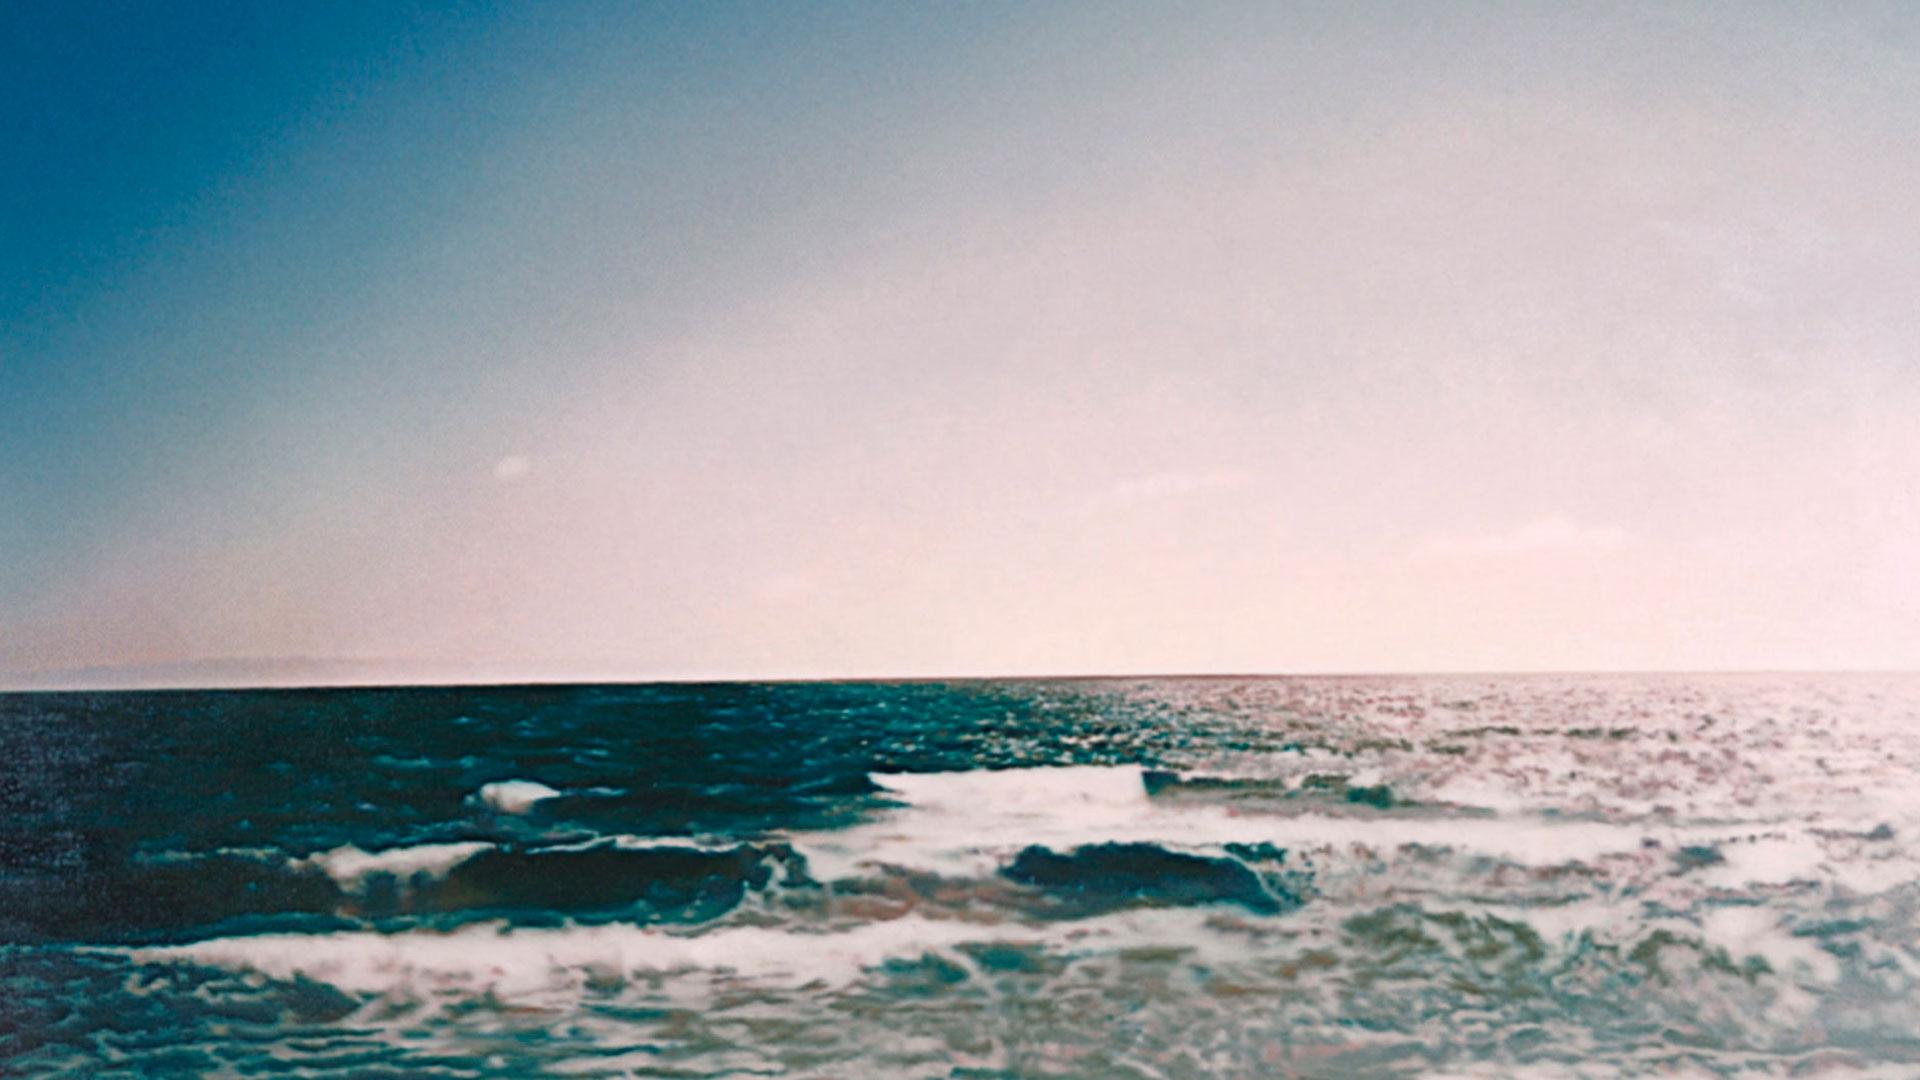 Seascape la exposición que te invita al mar hero asset